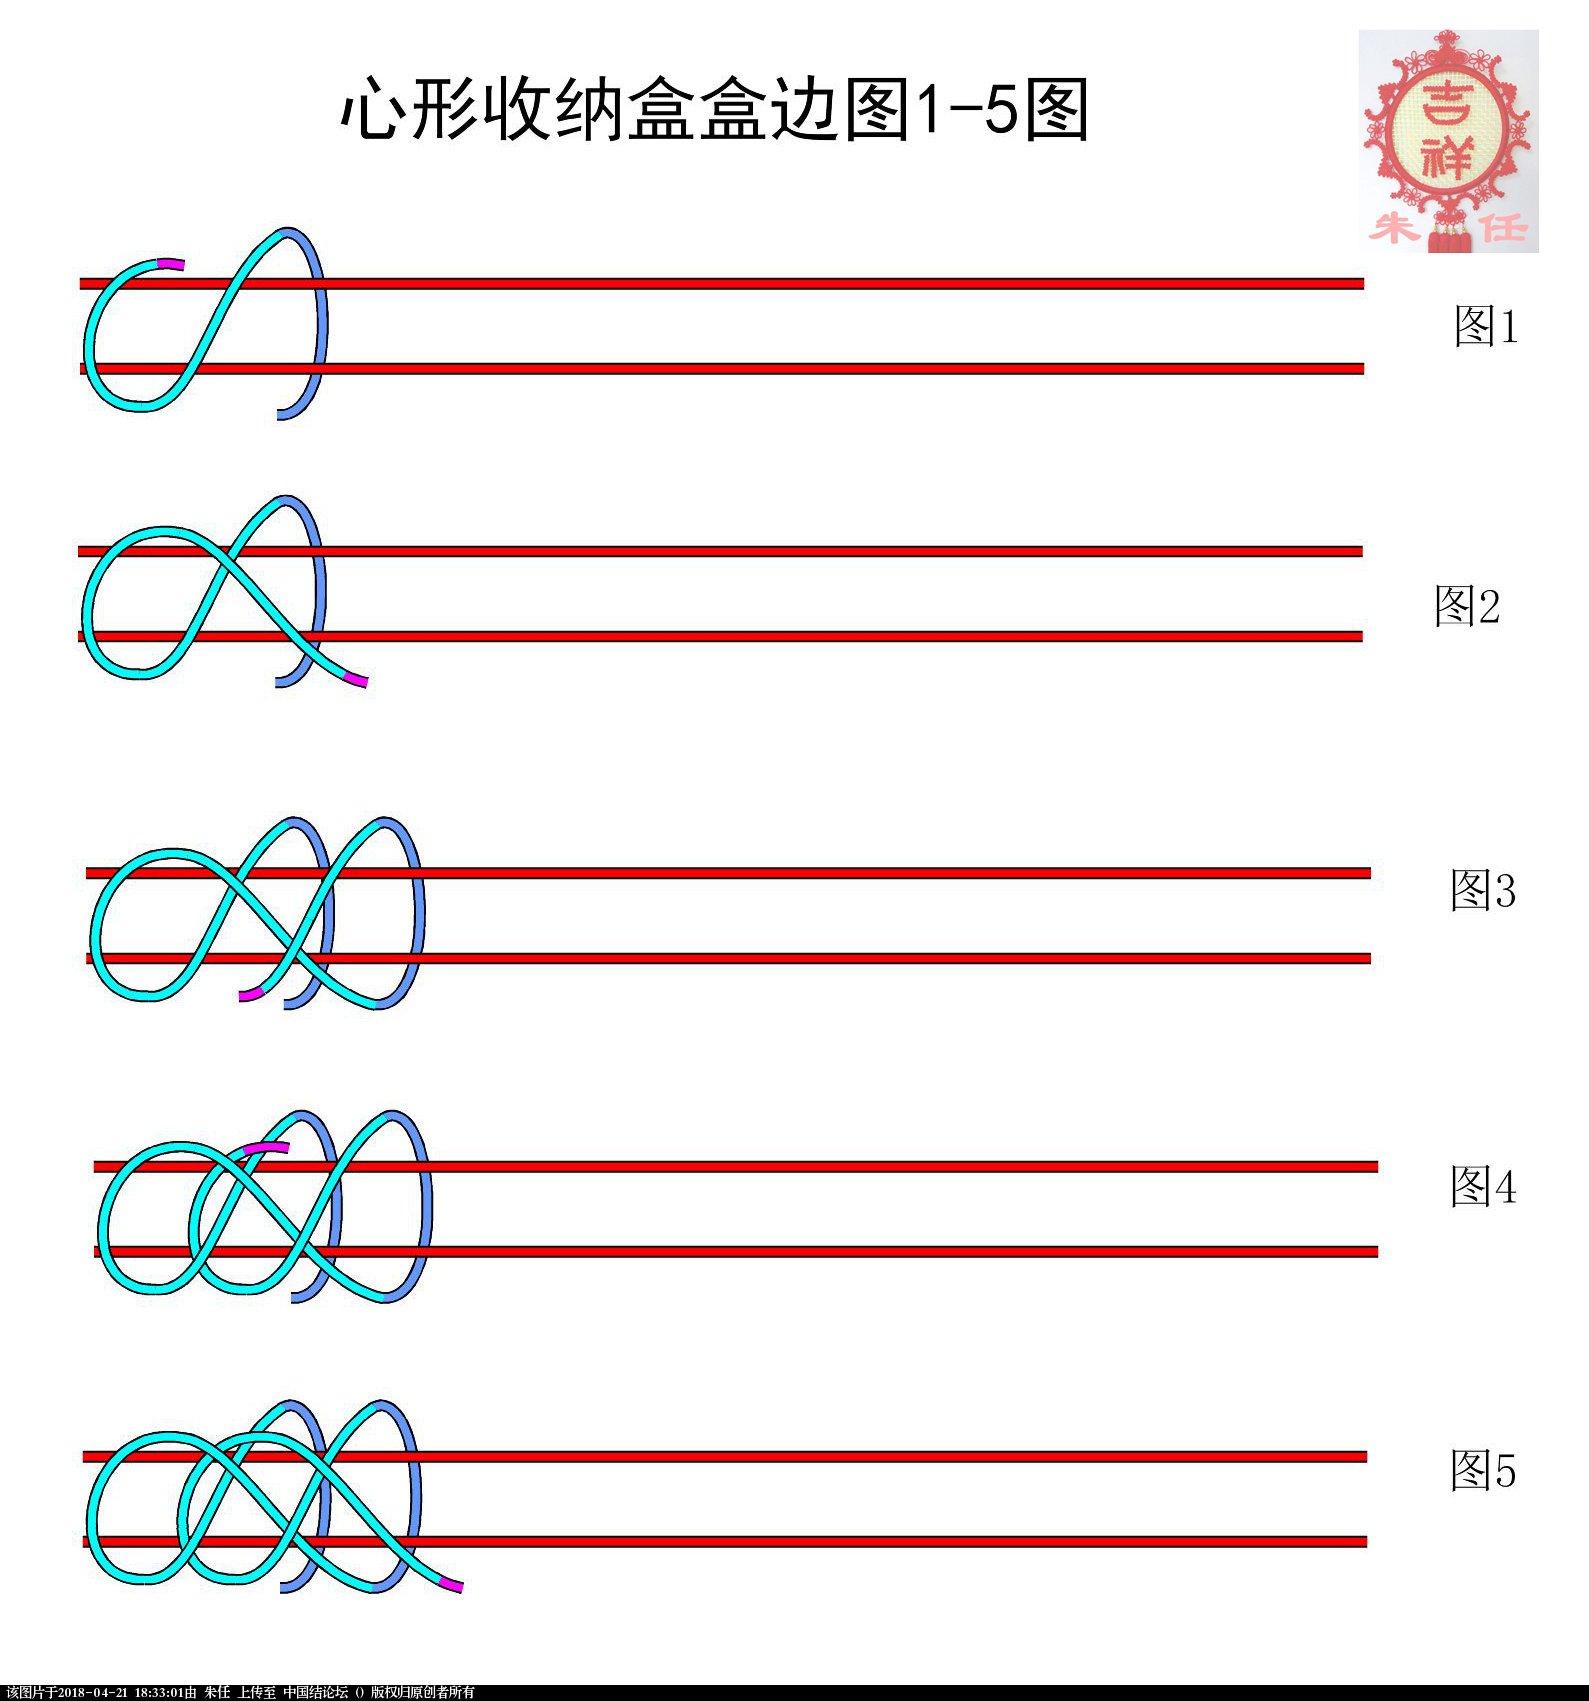 中国结论坛 为草莓花蕾的冰花结心形收纳筐及筐边画走线图  作品展示 183055aa4ulz8j4onup8ao